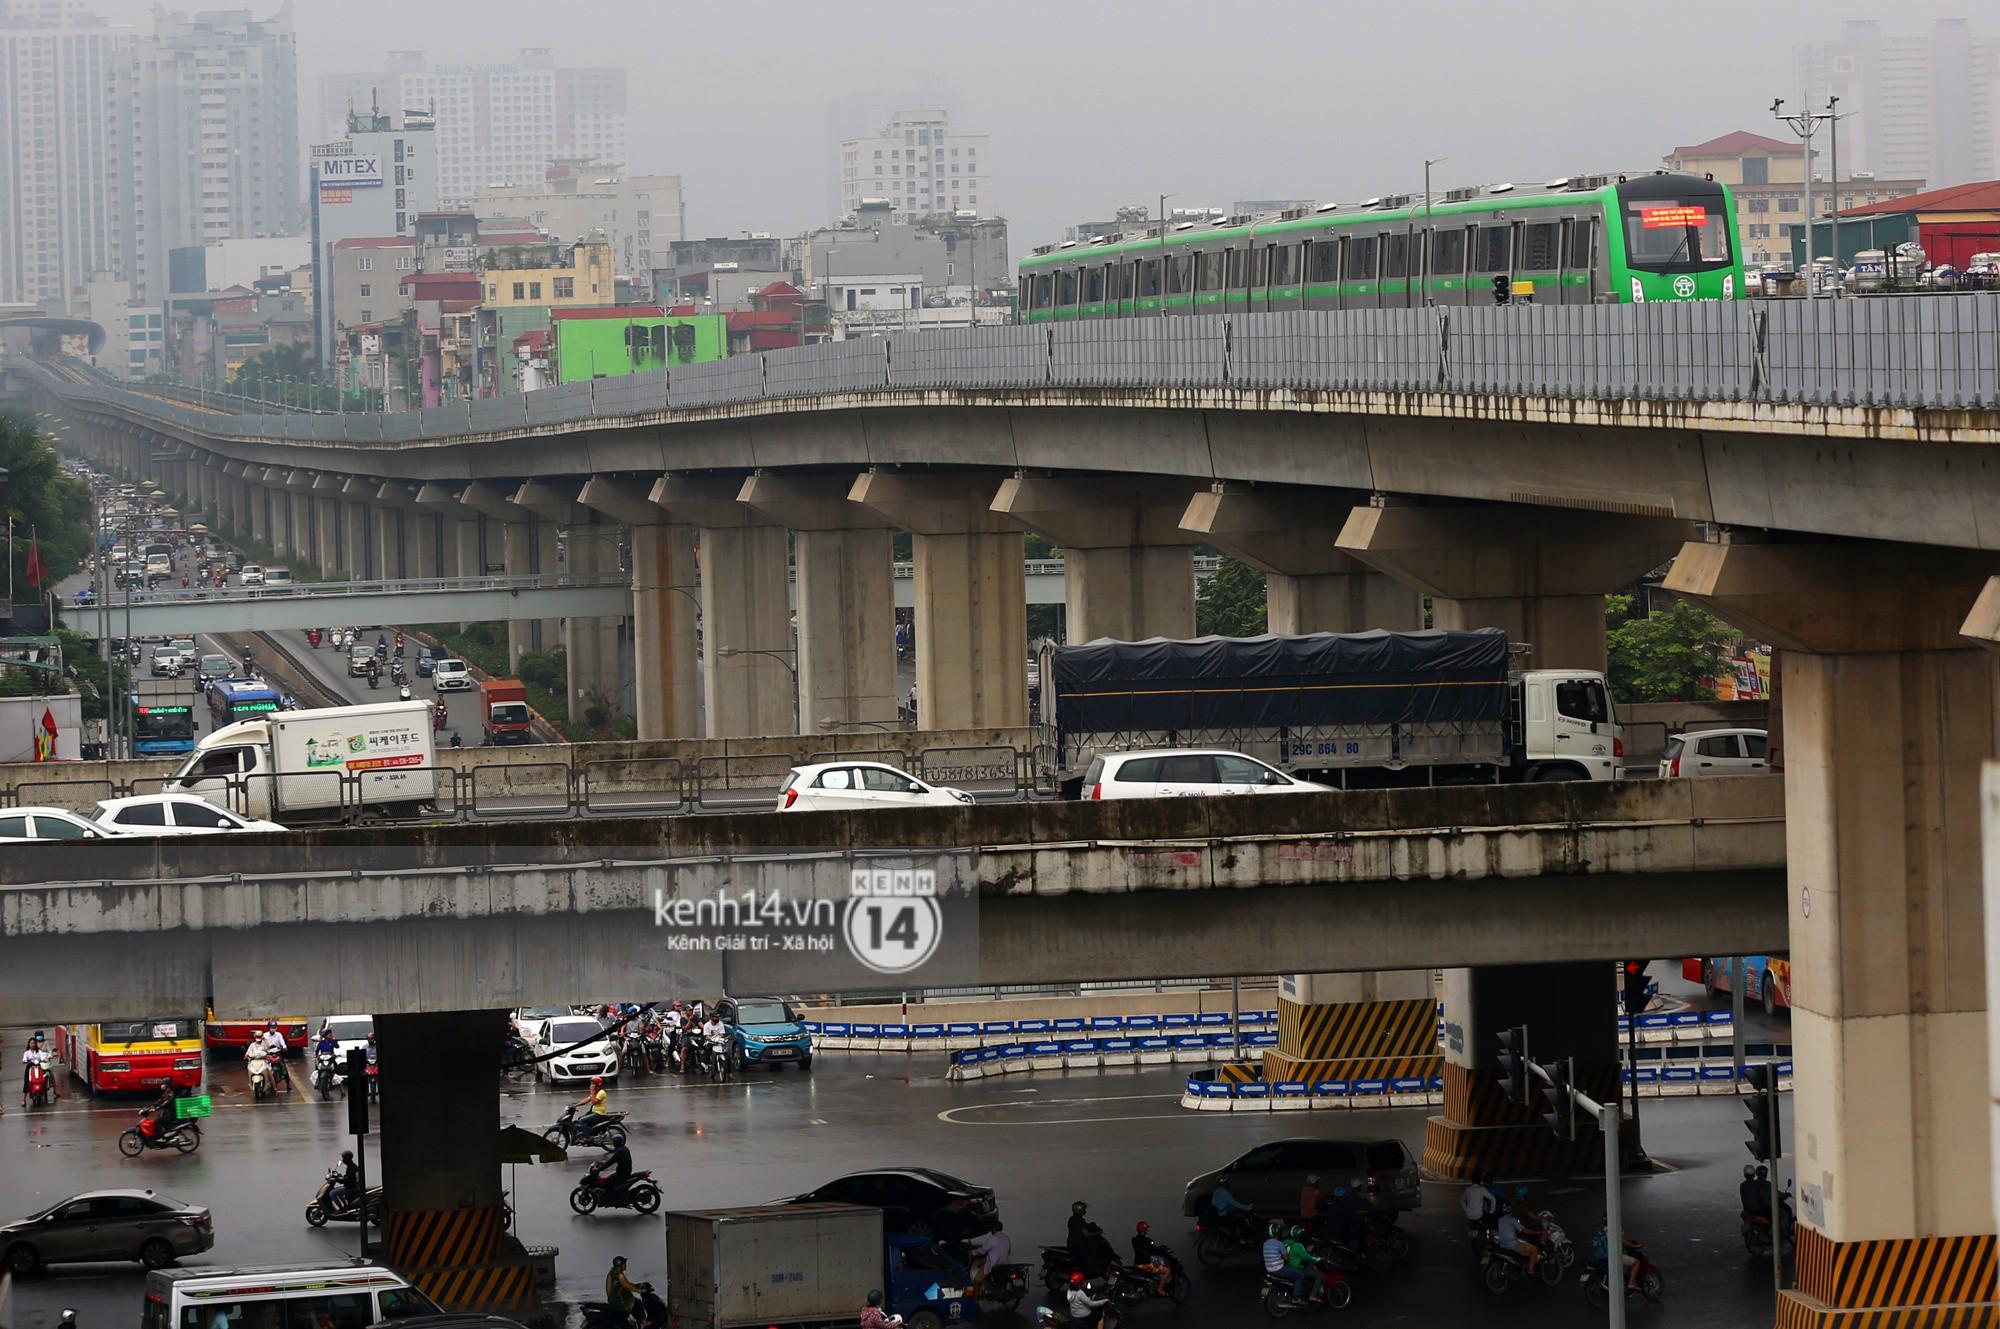 4 đoàn tàu đường sắt trên cao bất ngờ di chuyển trong mưa trước ngày chạy thử-13